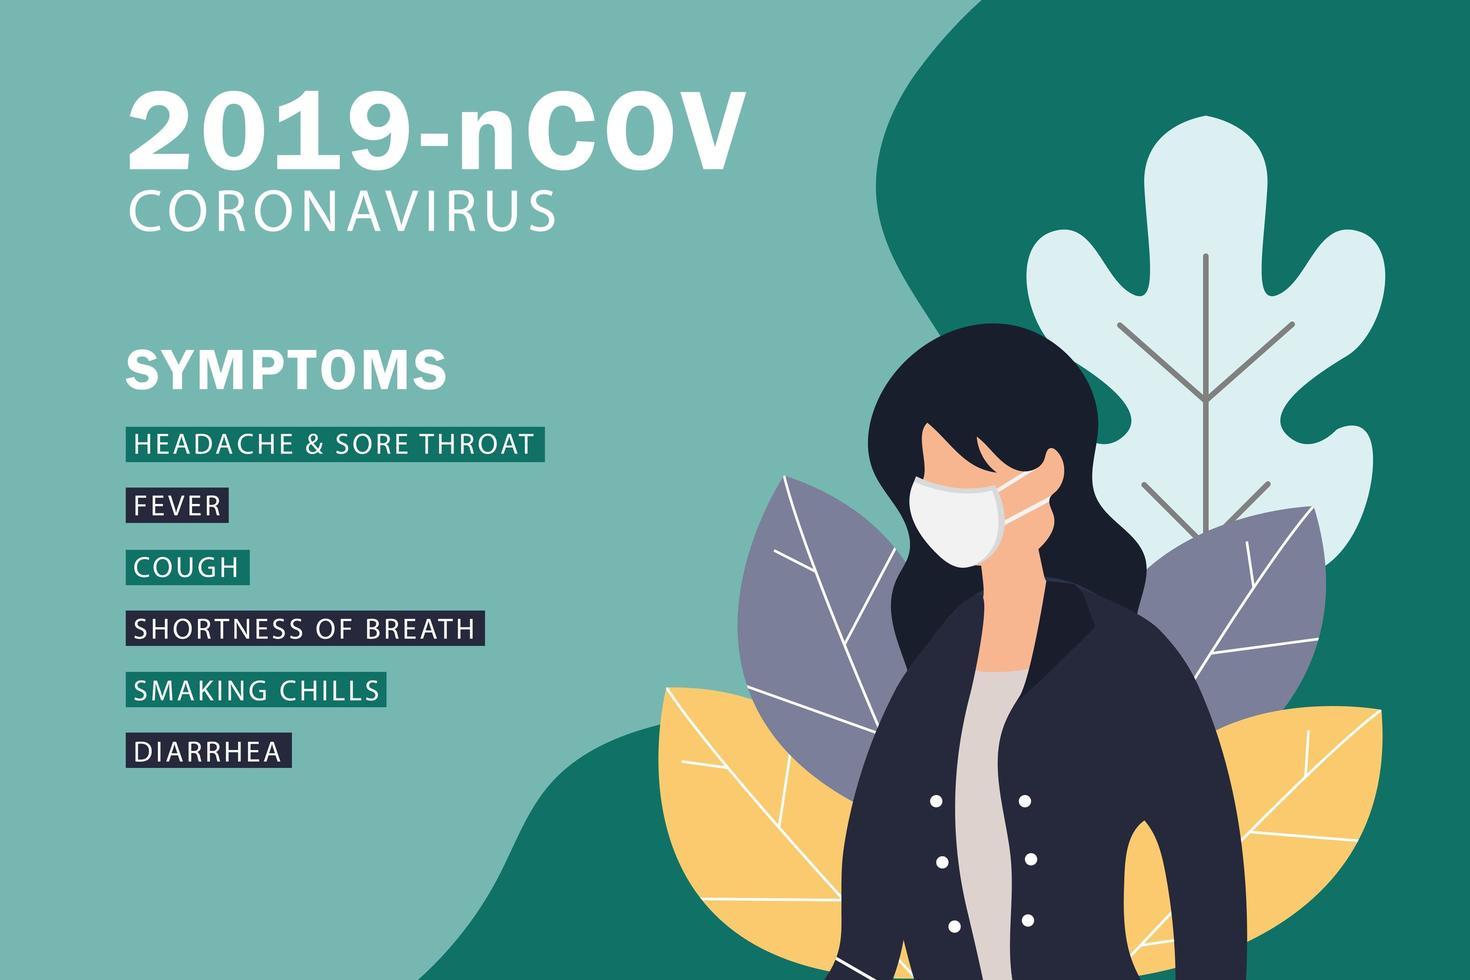 projeto de coronavírus covid-19 ou 2019-ncov vetor